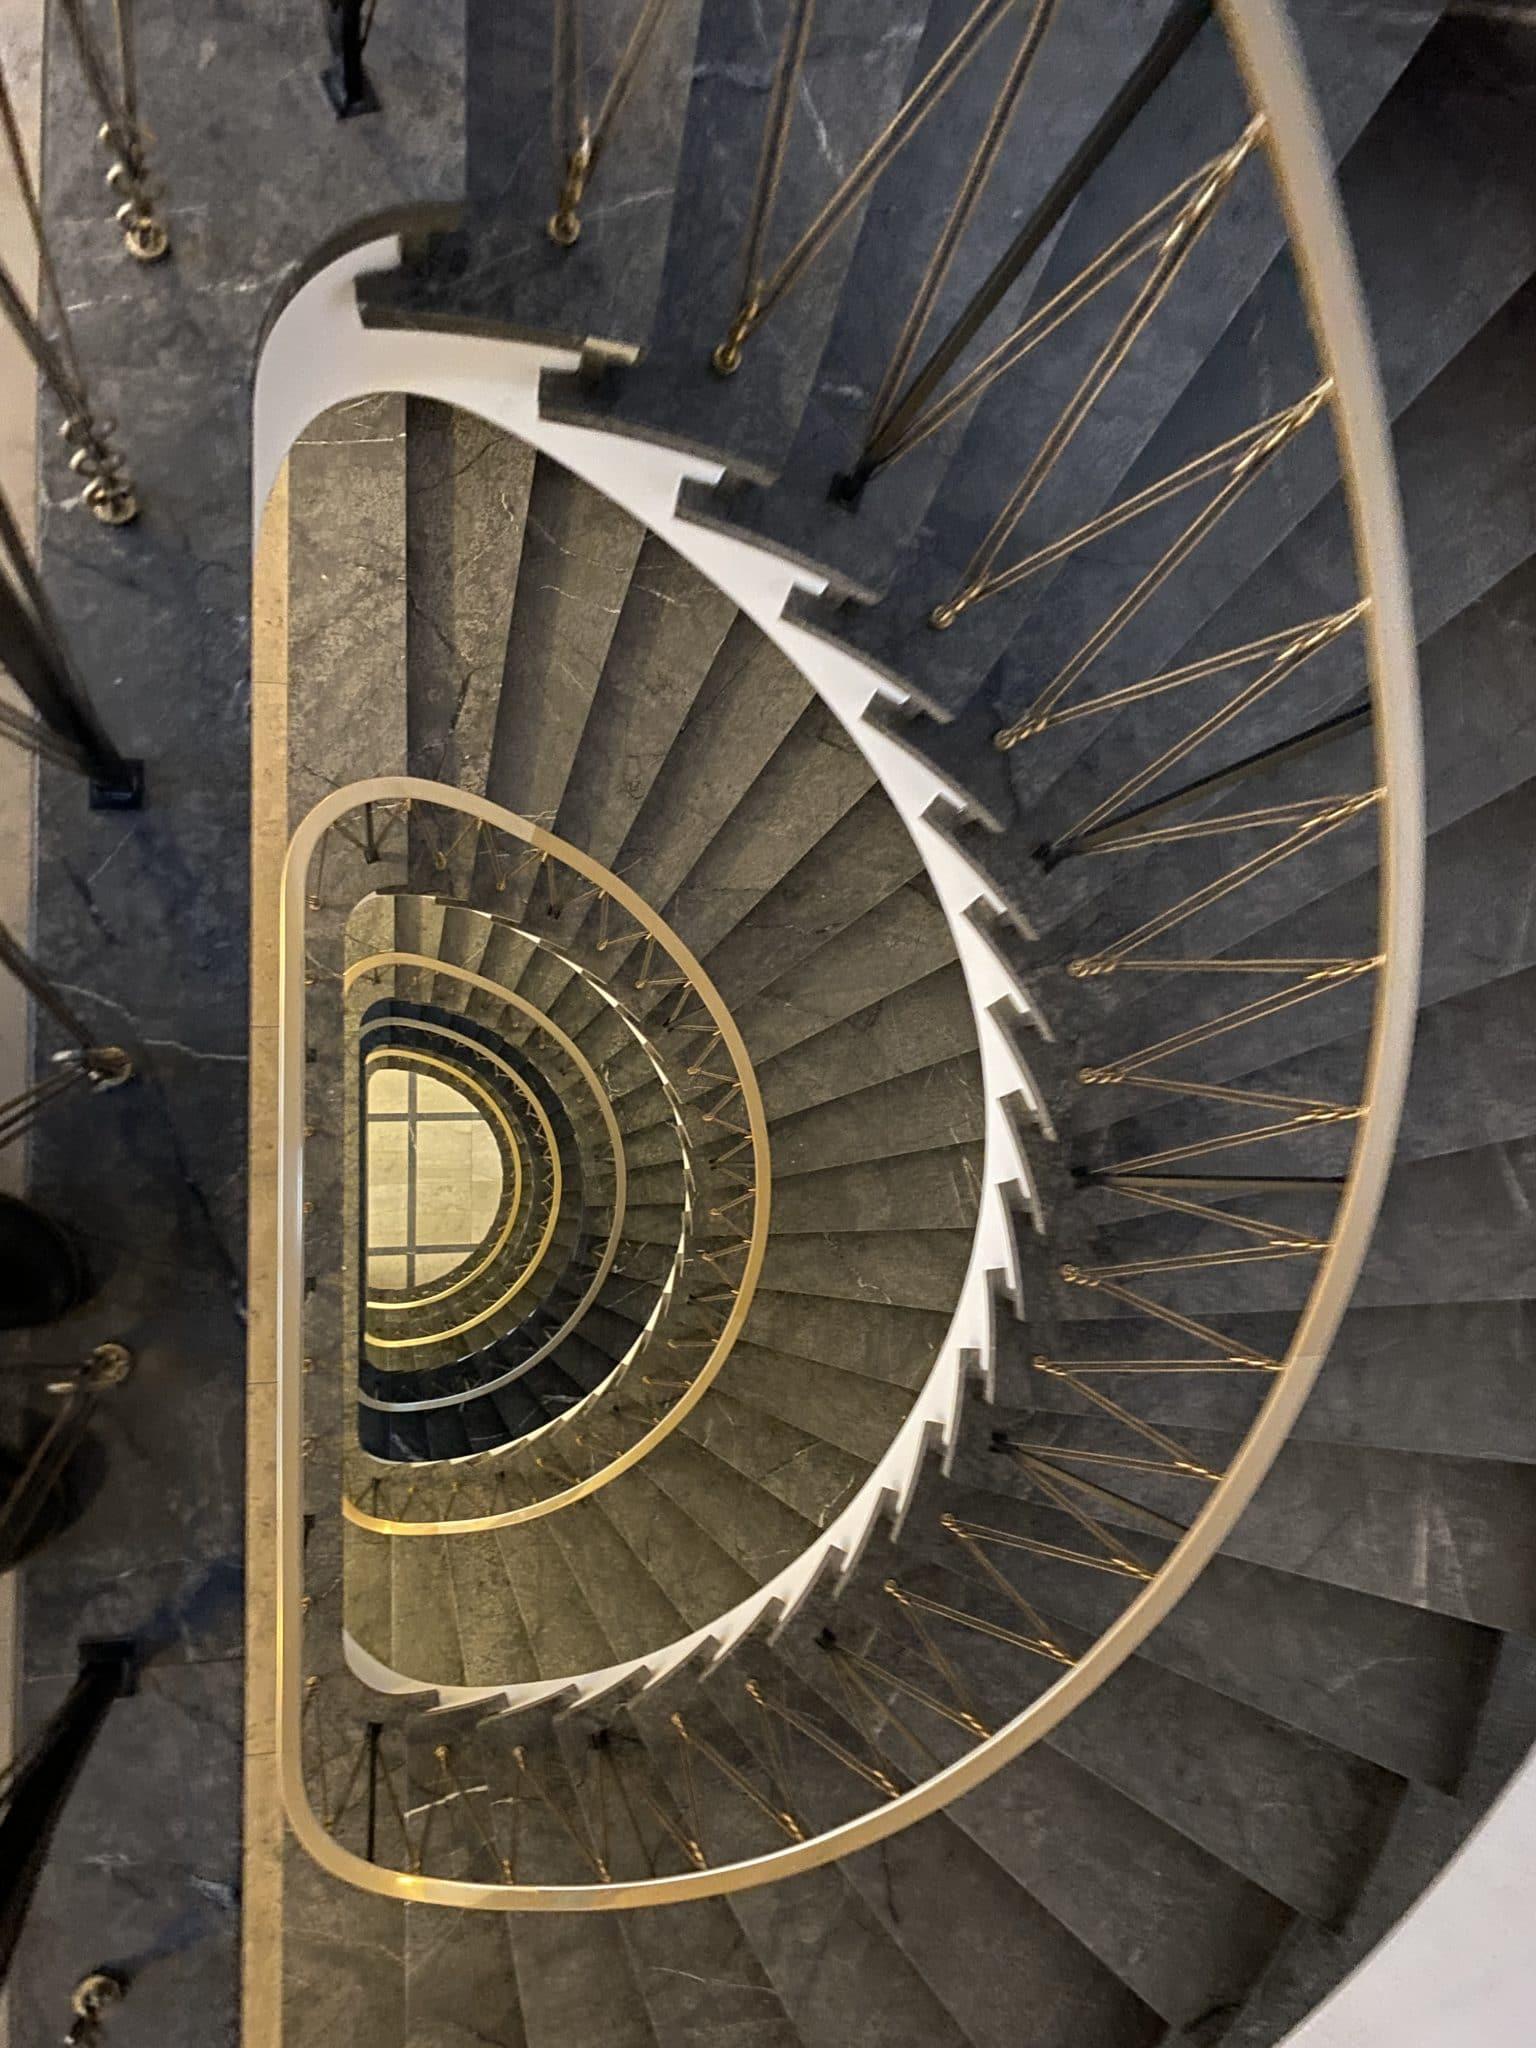 #7 und fertig. Meine Schilddrüse und ich nehmen die Treppe.